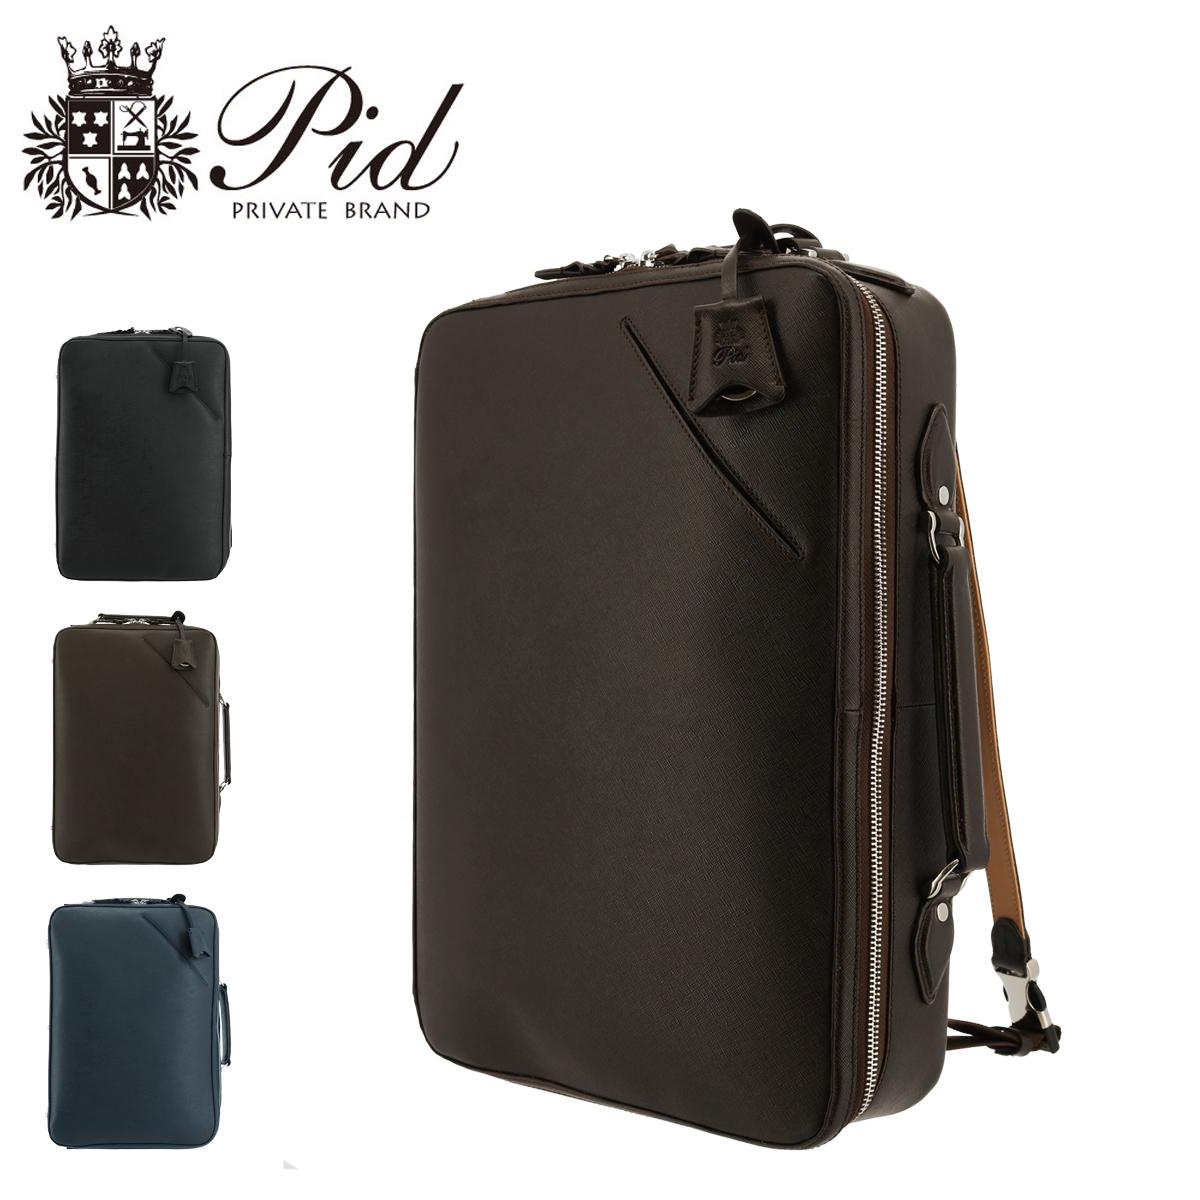 PID リュック ビジネスリュック セルヴァ メンズ PAP106 ピーアイディ P.I.D | ビジネスバッグ リュックサック 本革 牛革 レザー[PO10][bef]